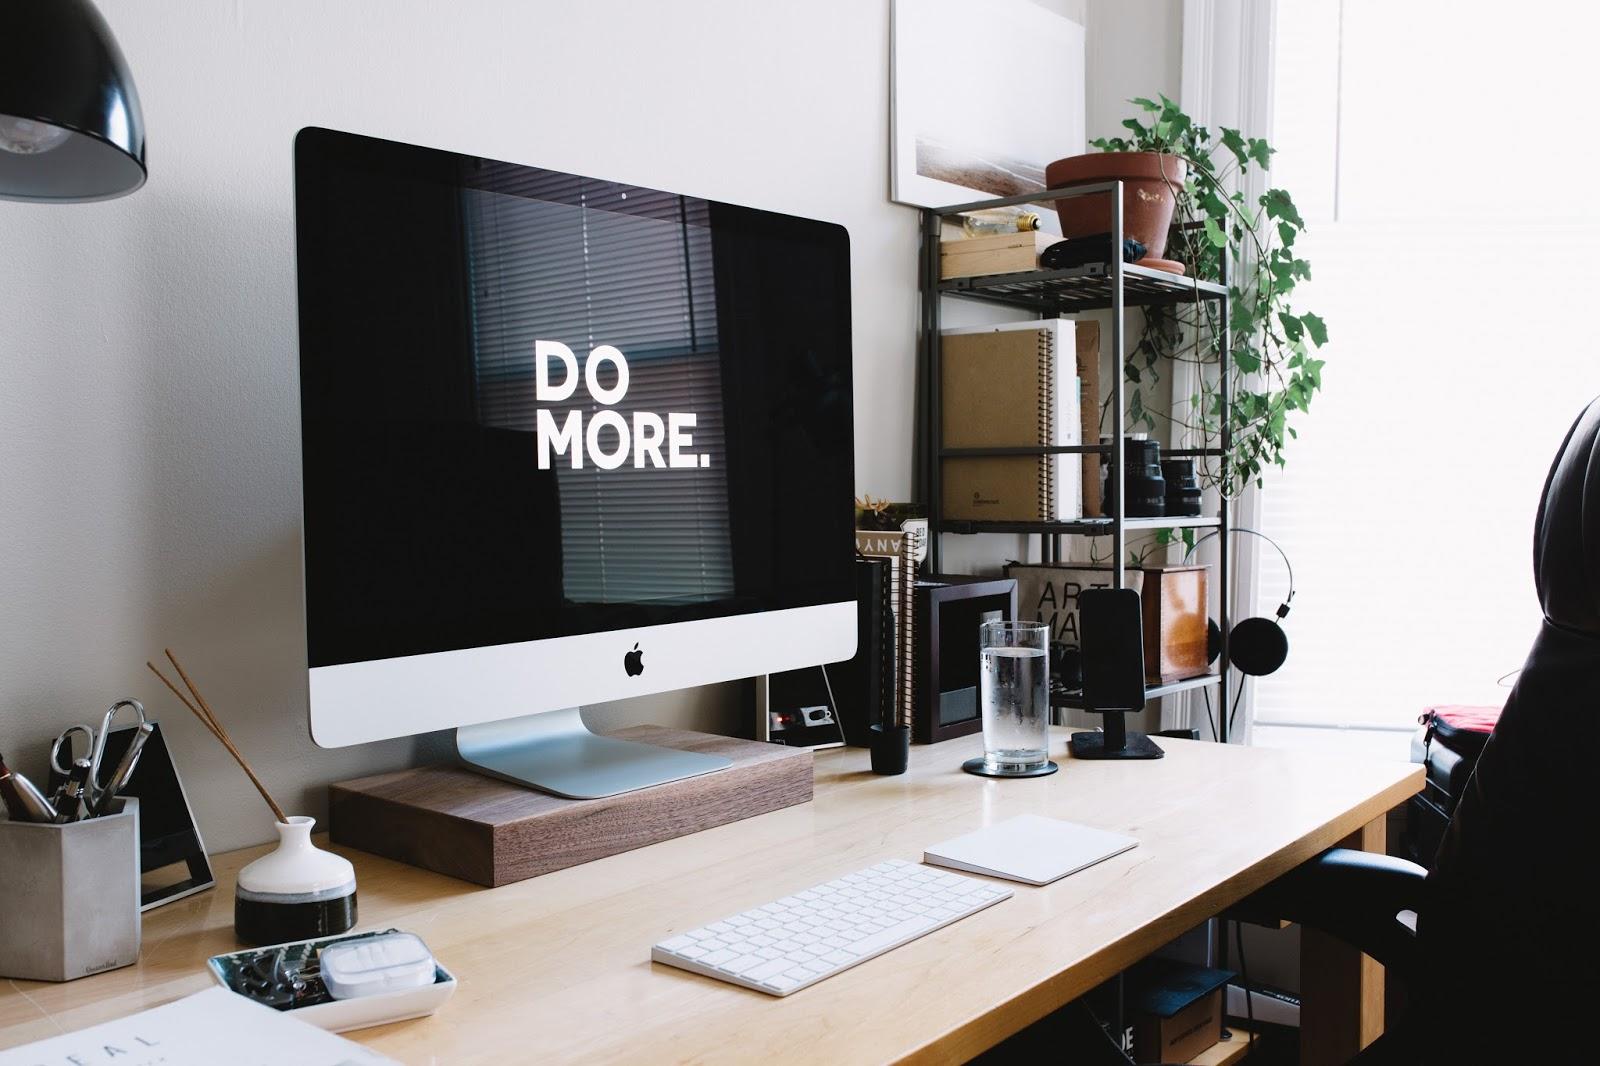 come diventare influencer- tutti i segreti per fare delle proprie passioni il lavoro dei sogni- come si diventa influencer- fashionsobsessions.com- instagram- come guadagnare con instagram- zairadurso